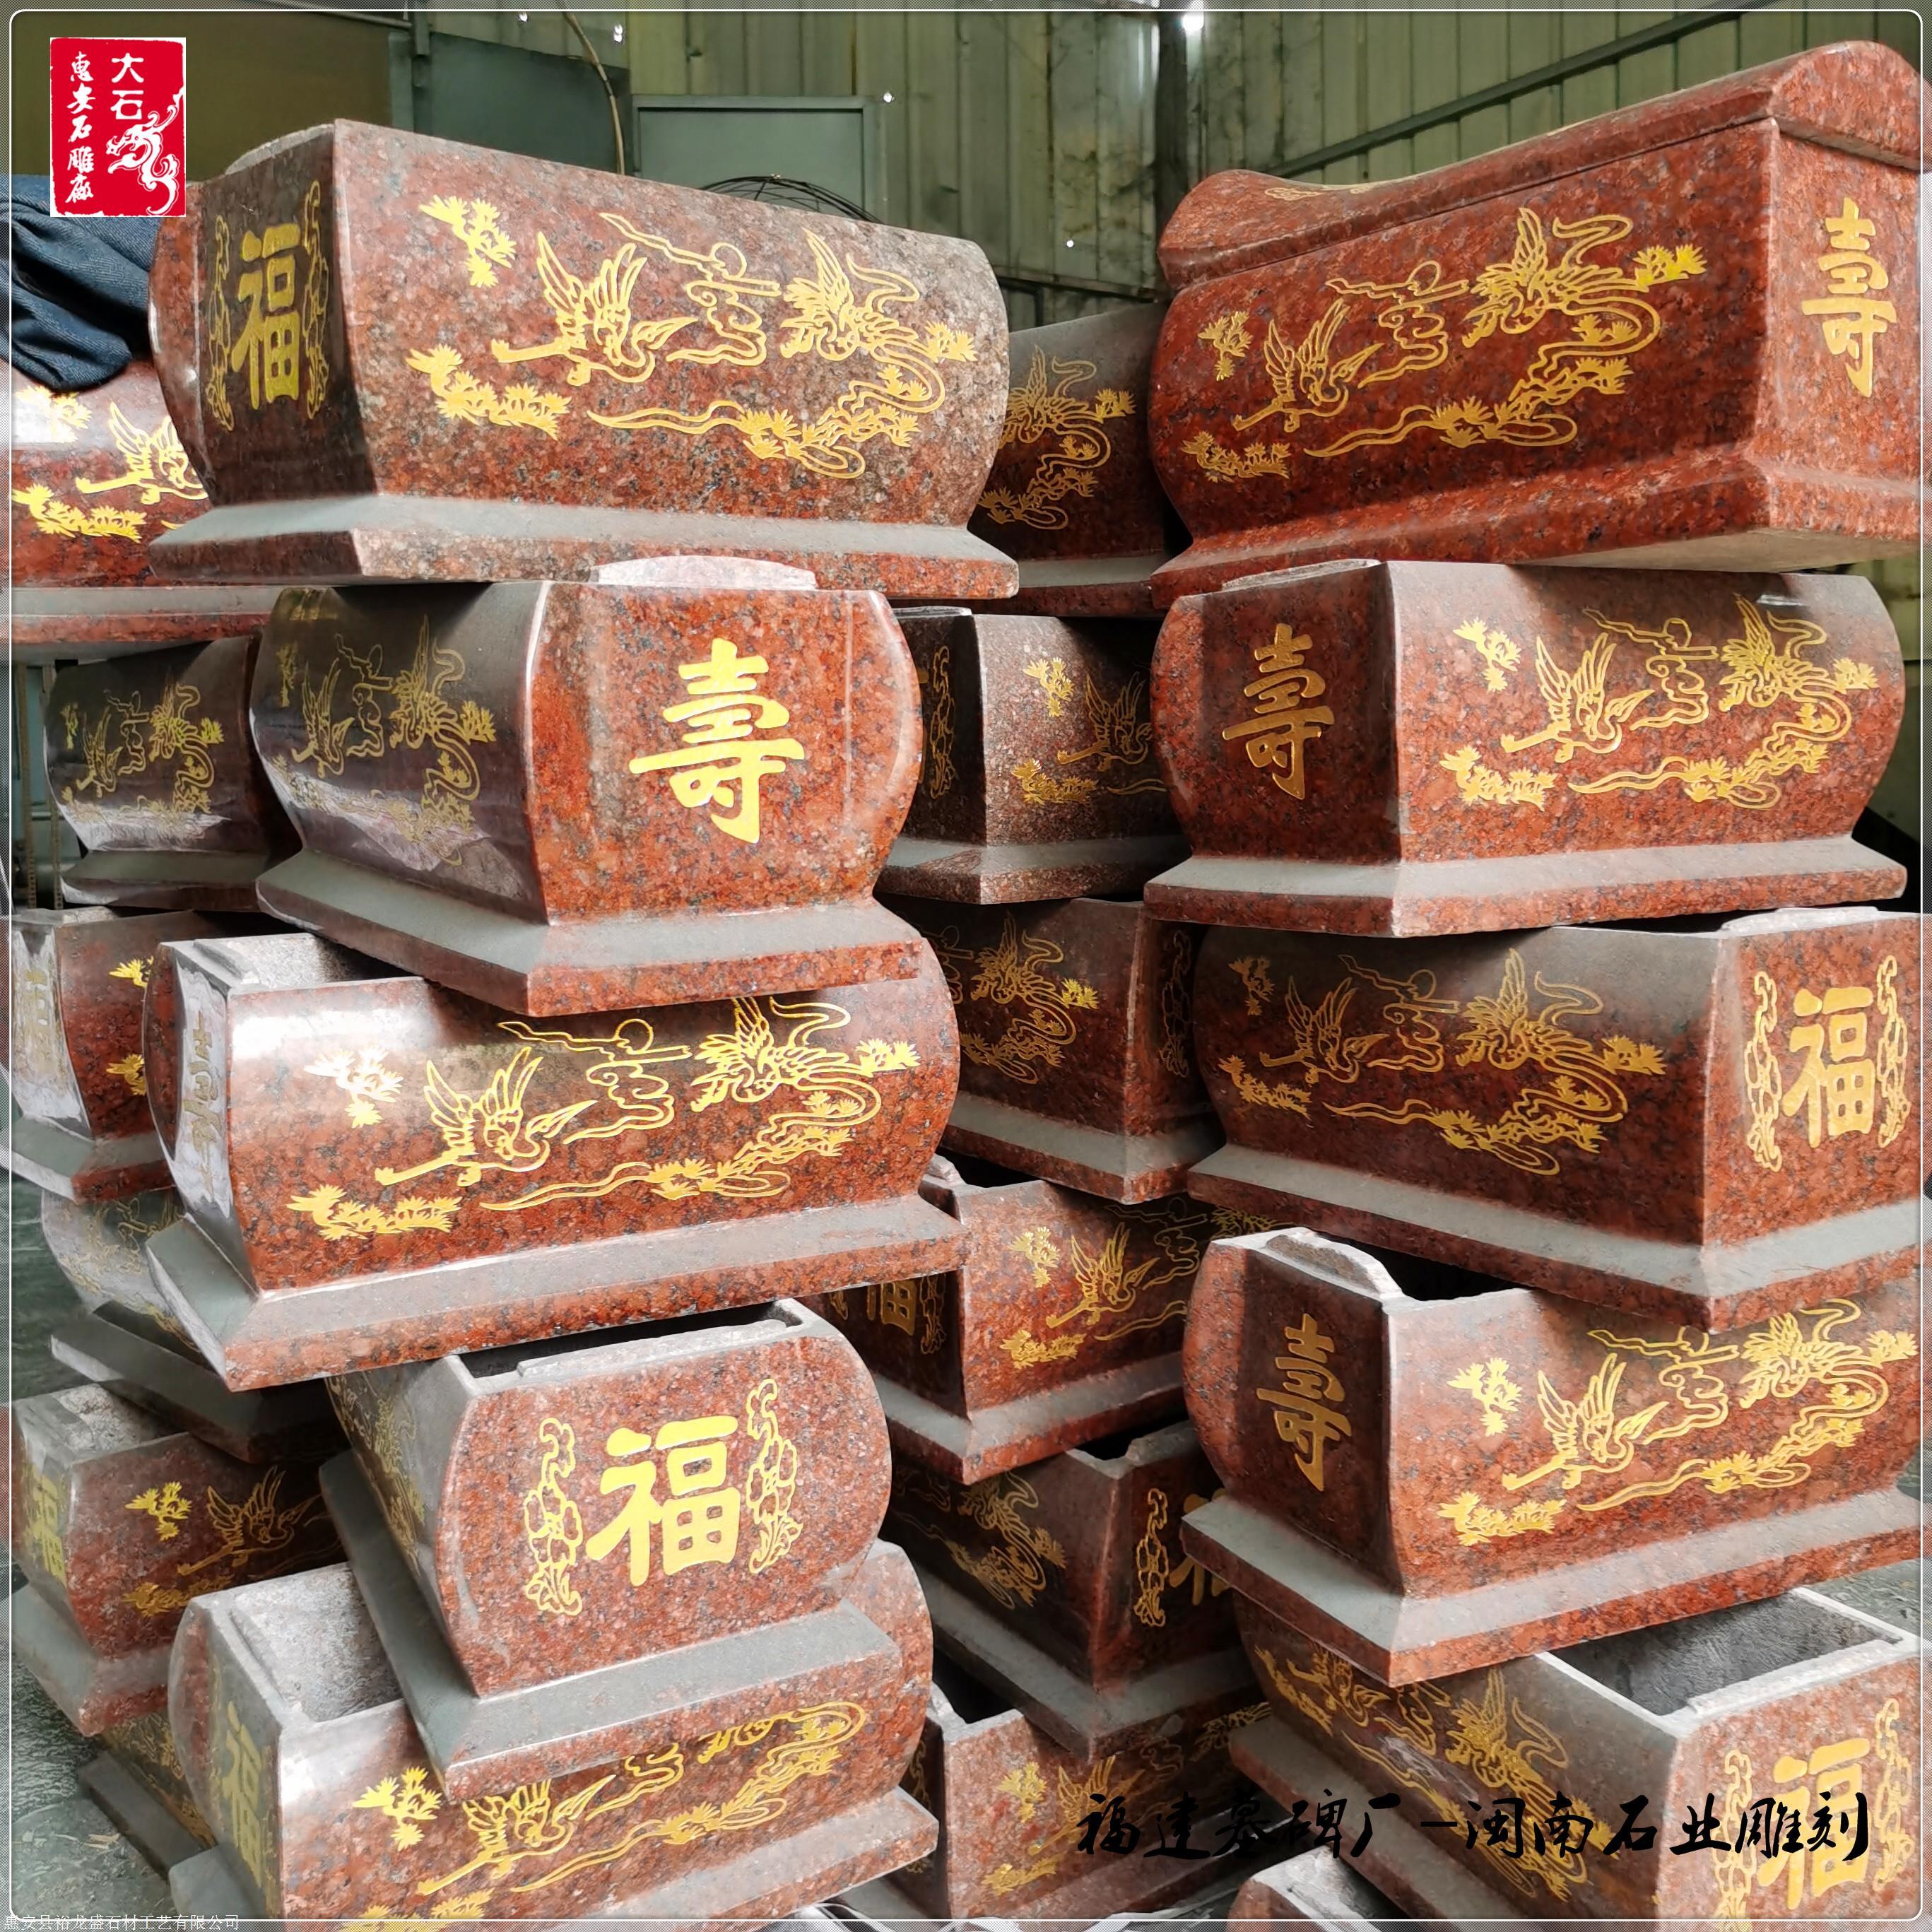 大理石龙凤棺材 玉石骨灰盒 殡葬用品 玉器骨灰盒示例图14